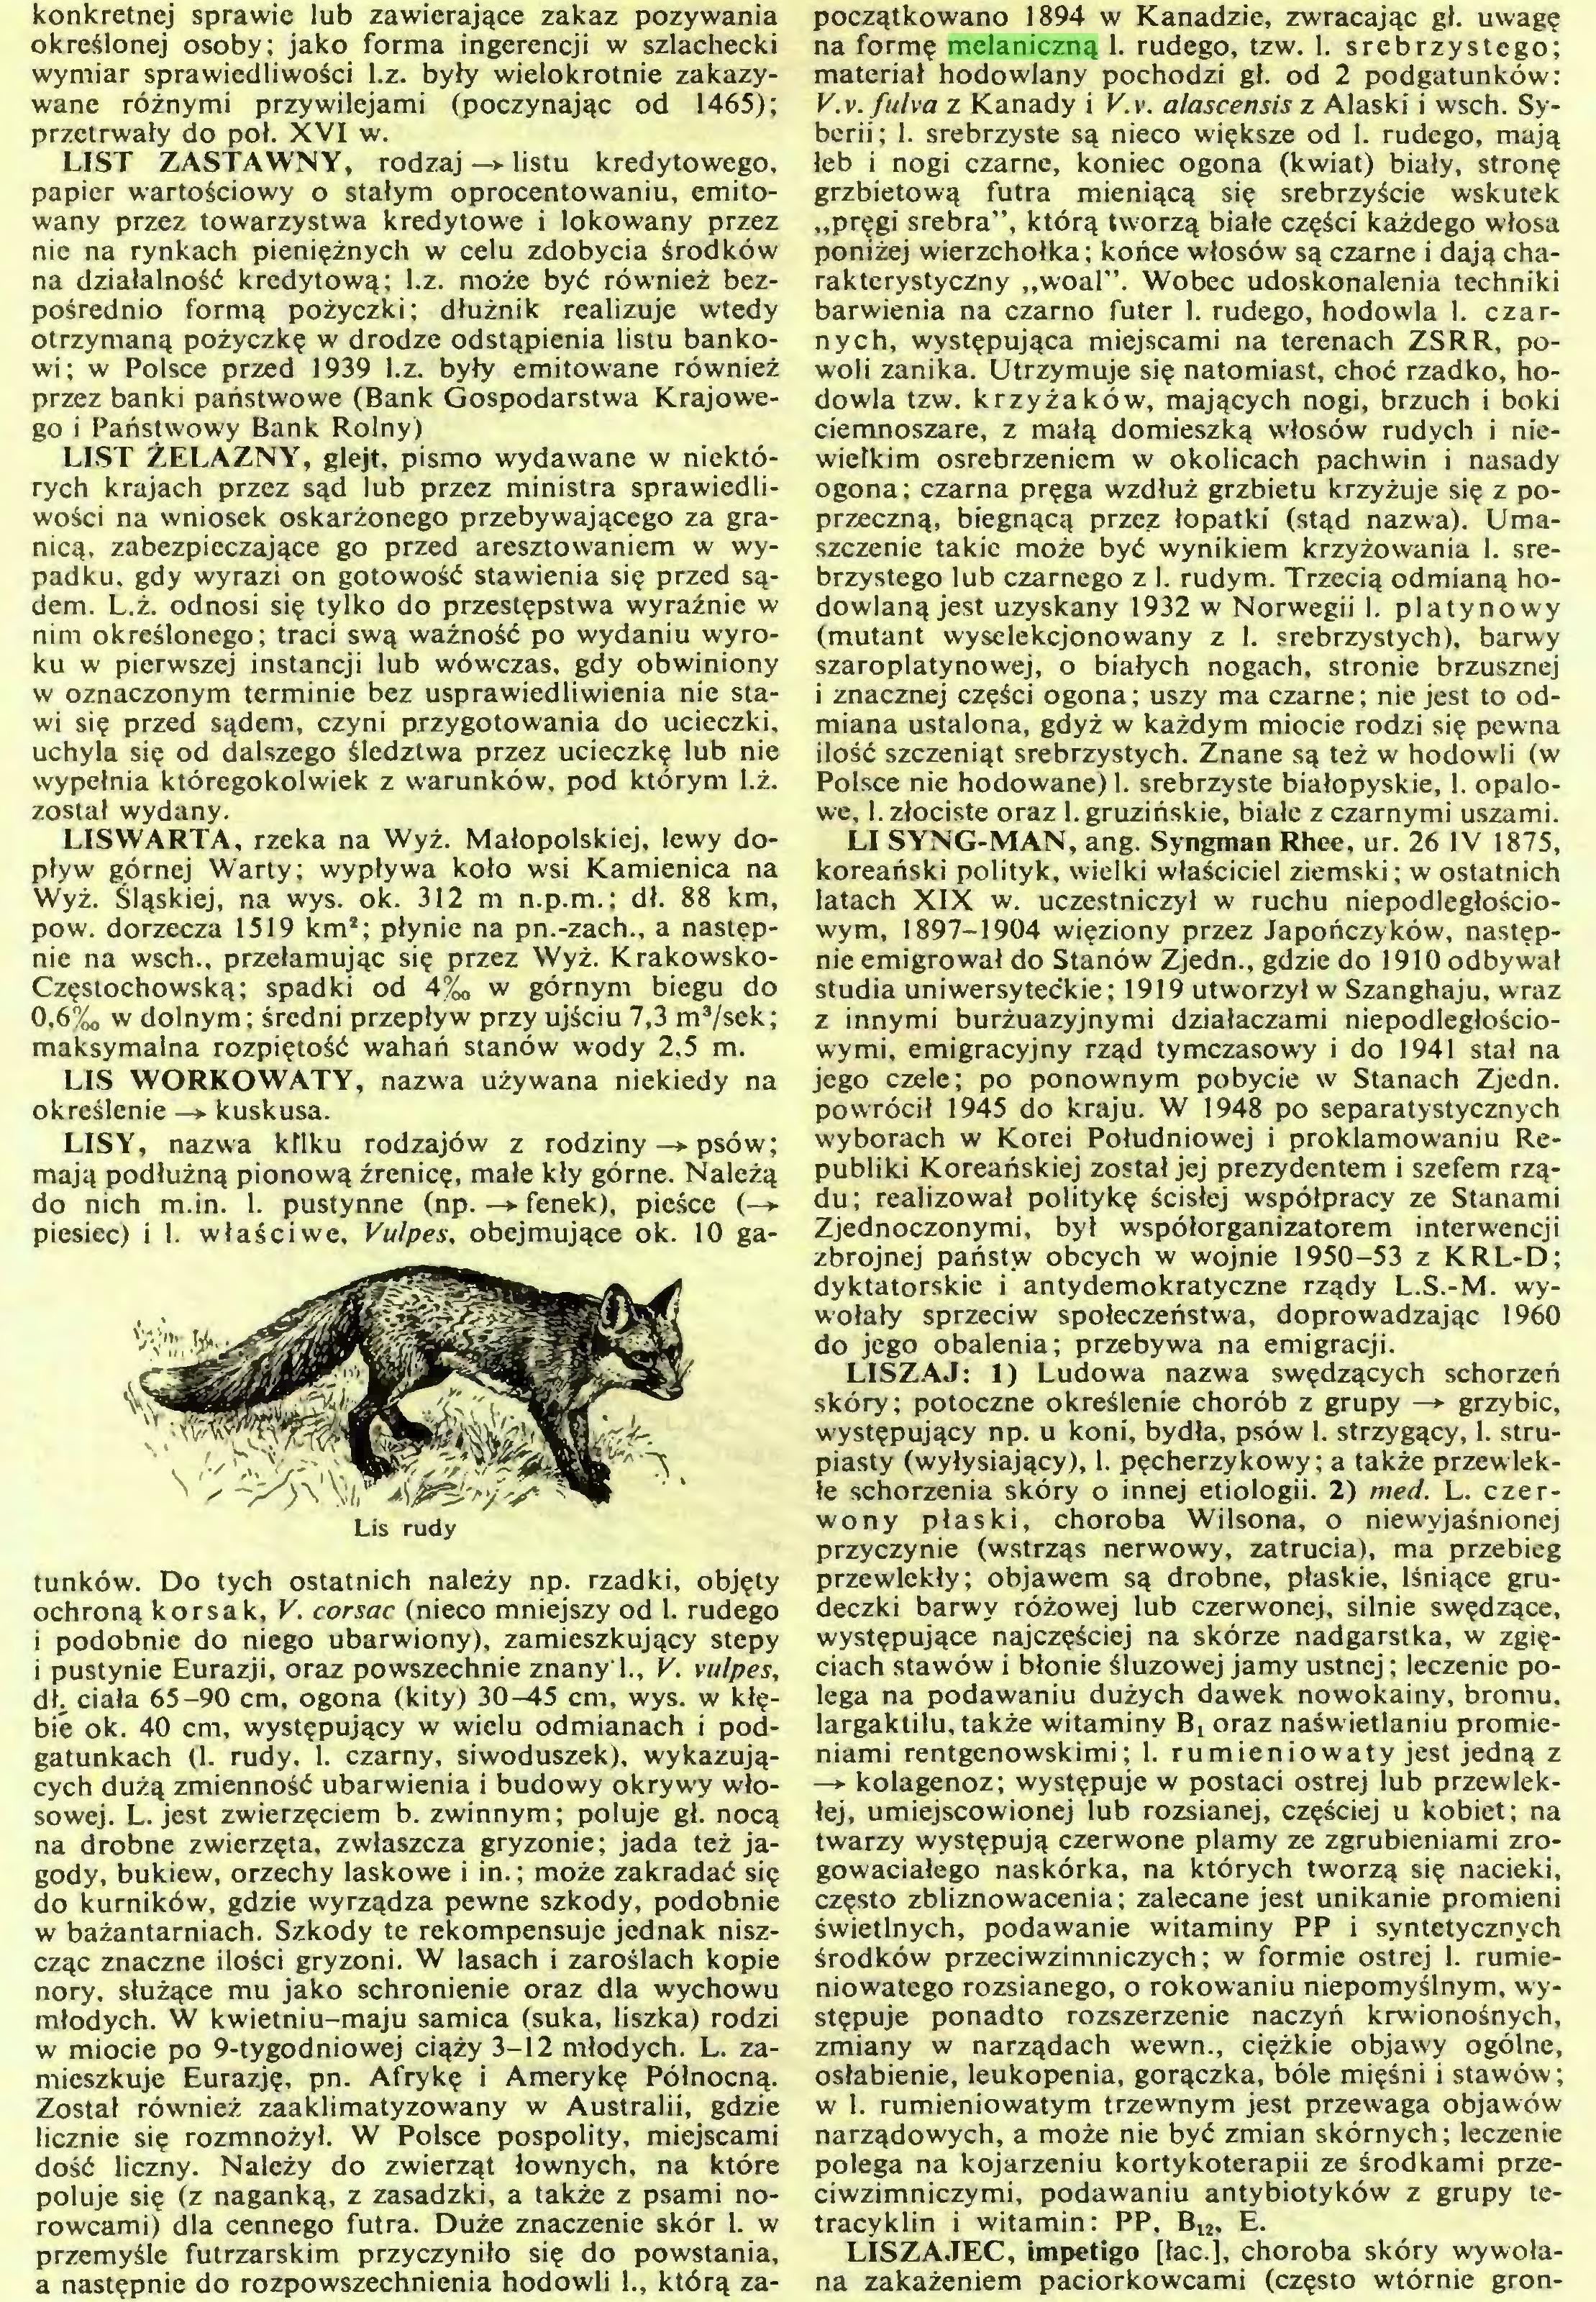 (...) rowcami) dla cennego futra. Duże znaczenie skór 1. w przemyśle futrzarskim przyczyniło się do powstania, a następnie do rozpowszechnienia hodowli 1., którą za¬ początkowano 1894 w Kanadzie, zwracając gł. uwagę na formę melaniczną 1. rudego, tzw. 1. srebrzystego; materiał hodowlany pochodzi gł. od 2 podgatunków: V.v.fulva z Kanady i V.v. alascensis z Alaski i wsch. Syberii; 1. srebrzyste są nieco większe od 1. rudego, mają...